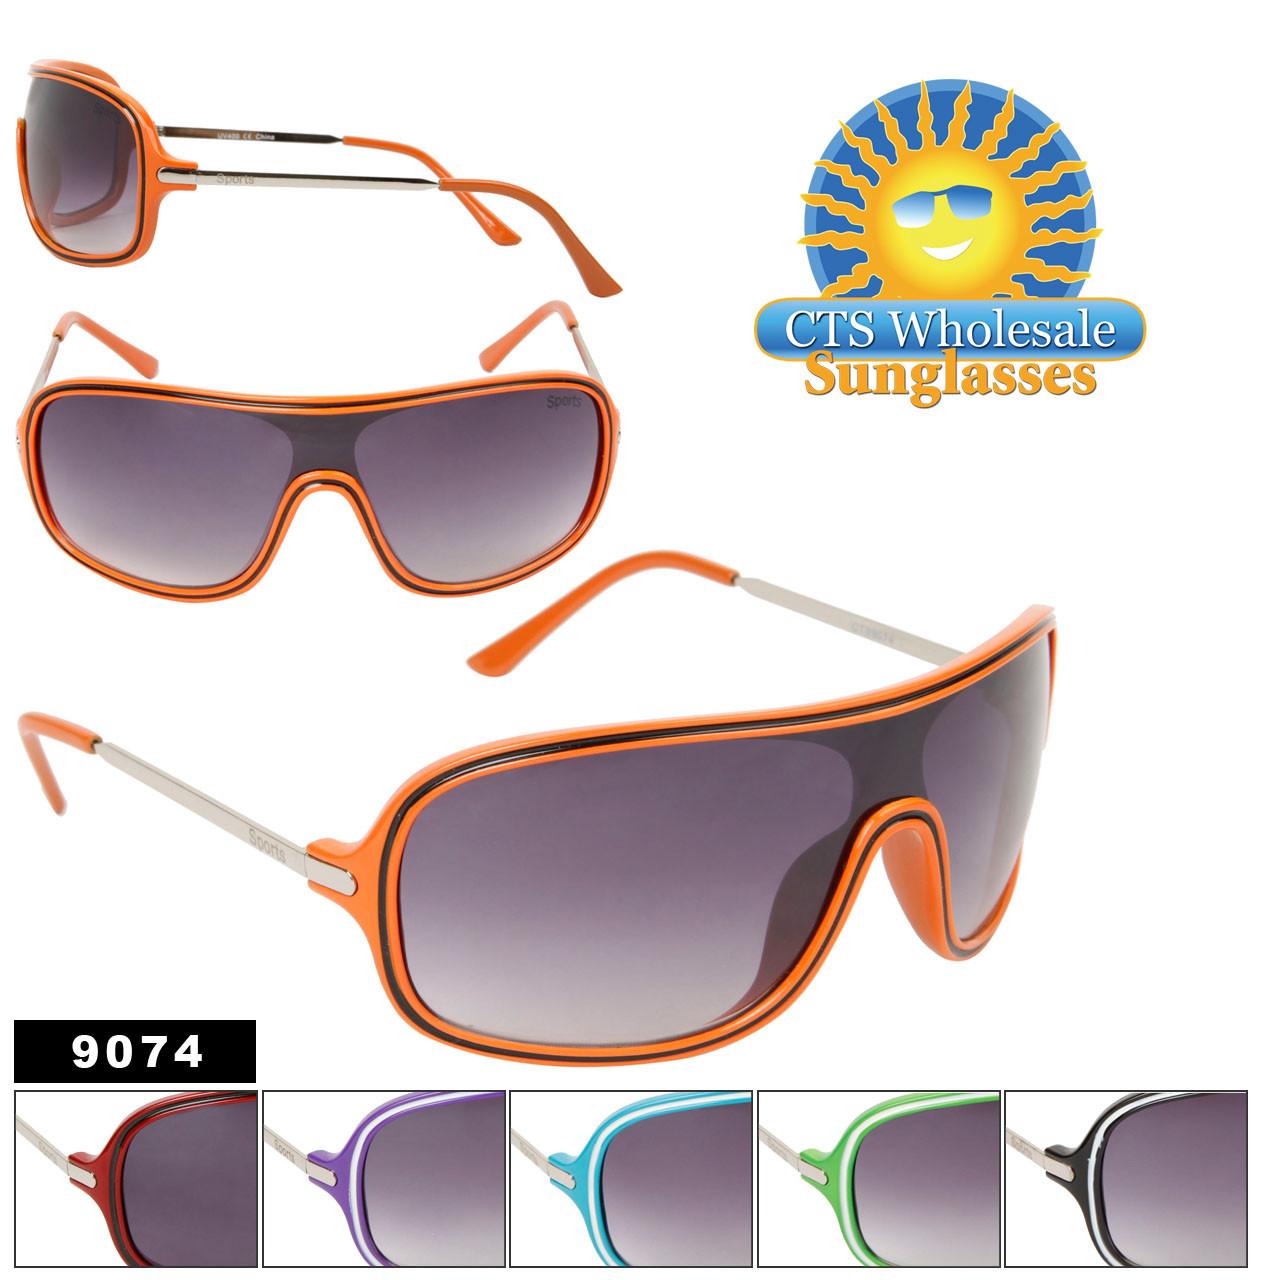 Stylish One Piece Unisex Sunglasses 9074